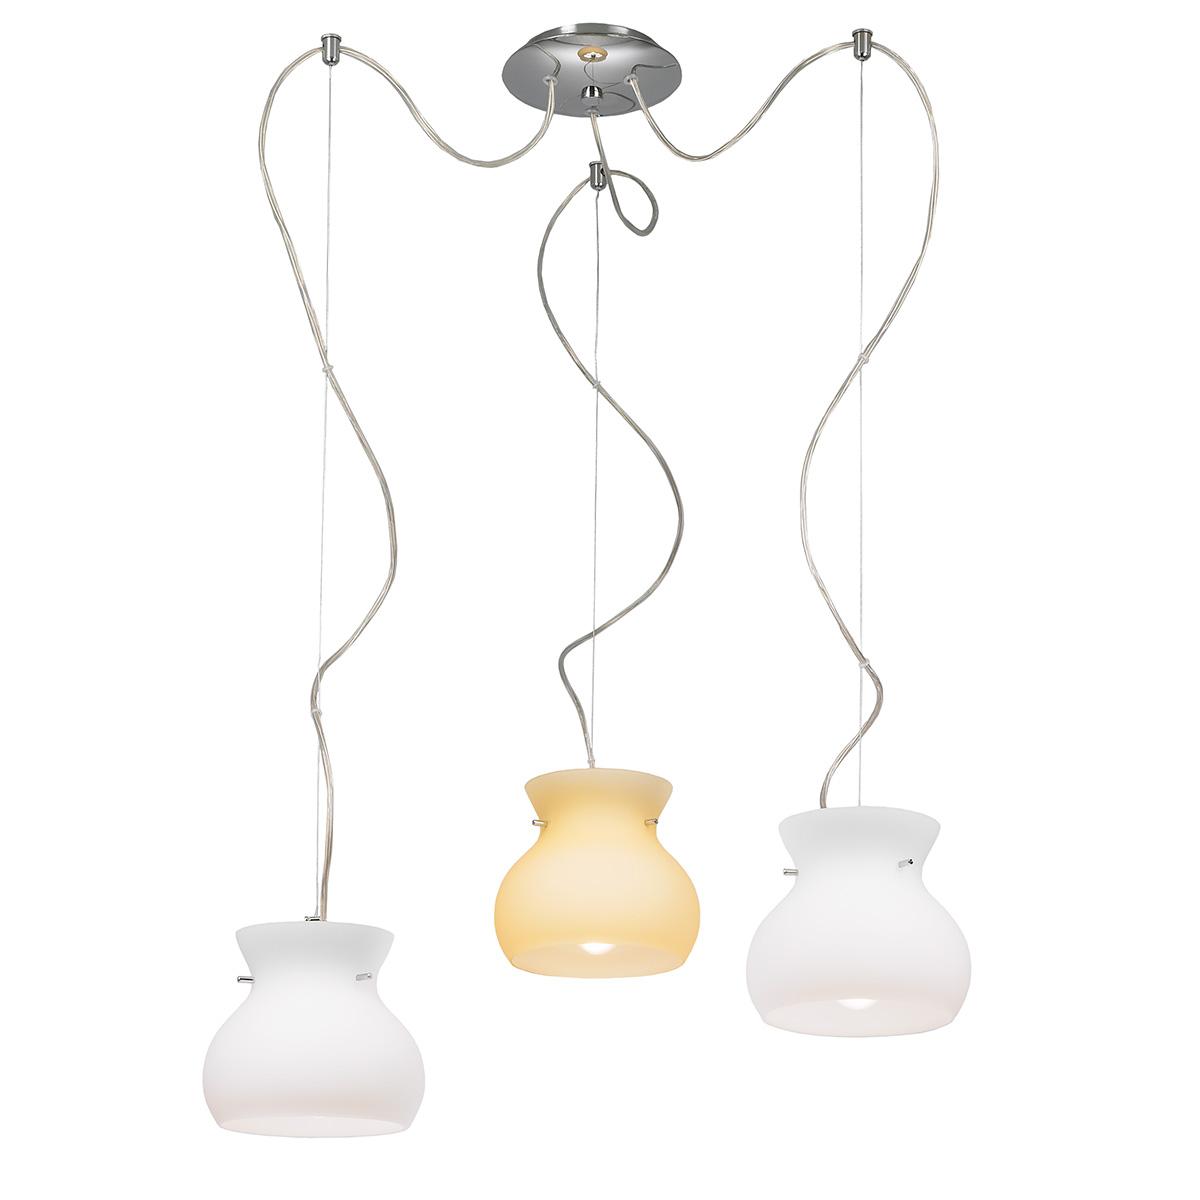 3φωτο φωτιστικό Μουράνο GLOBO 3-bulb Murano suspension lamp